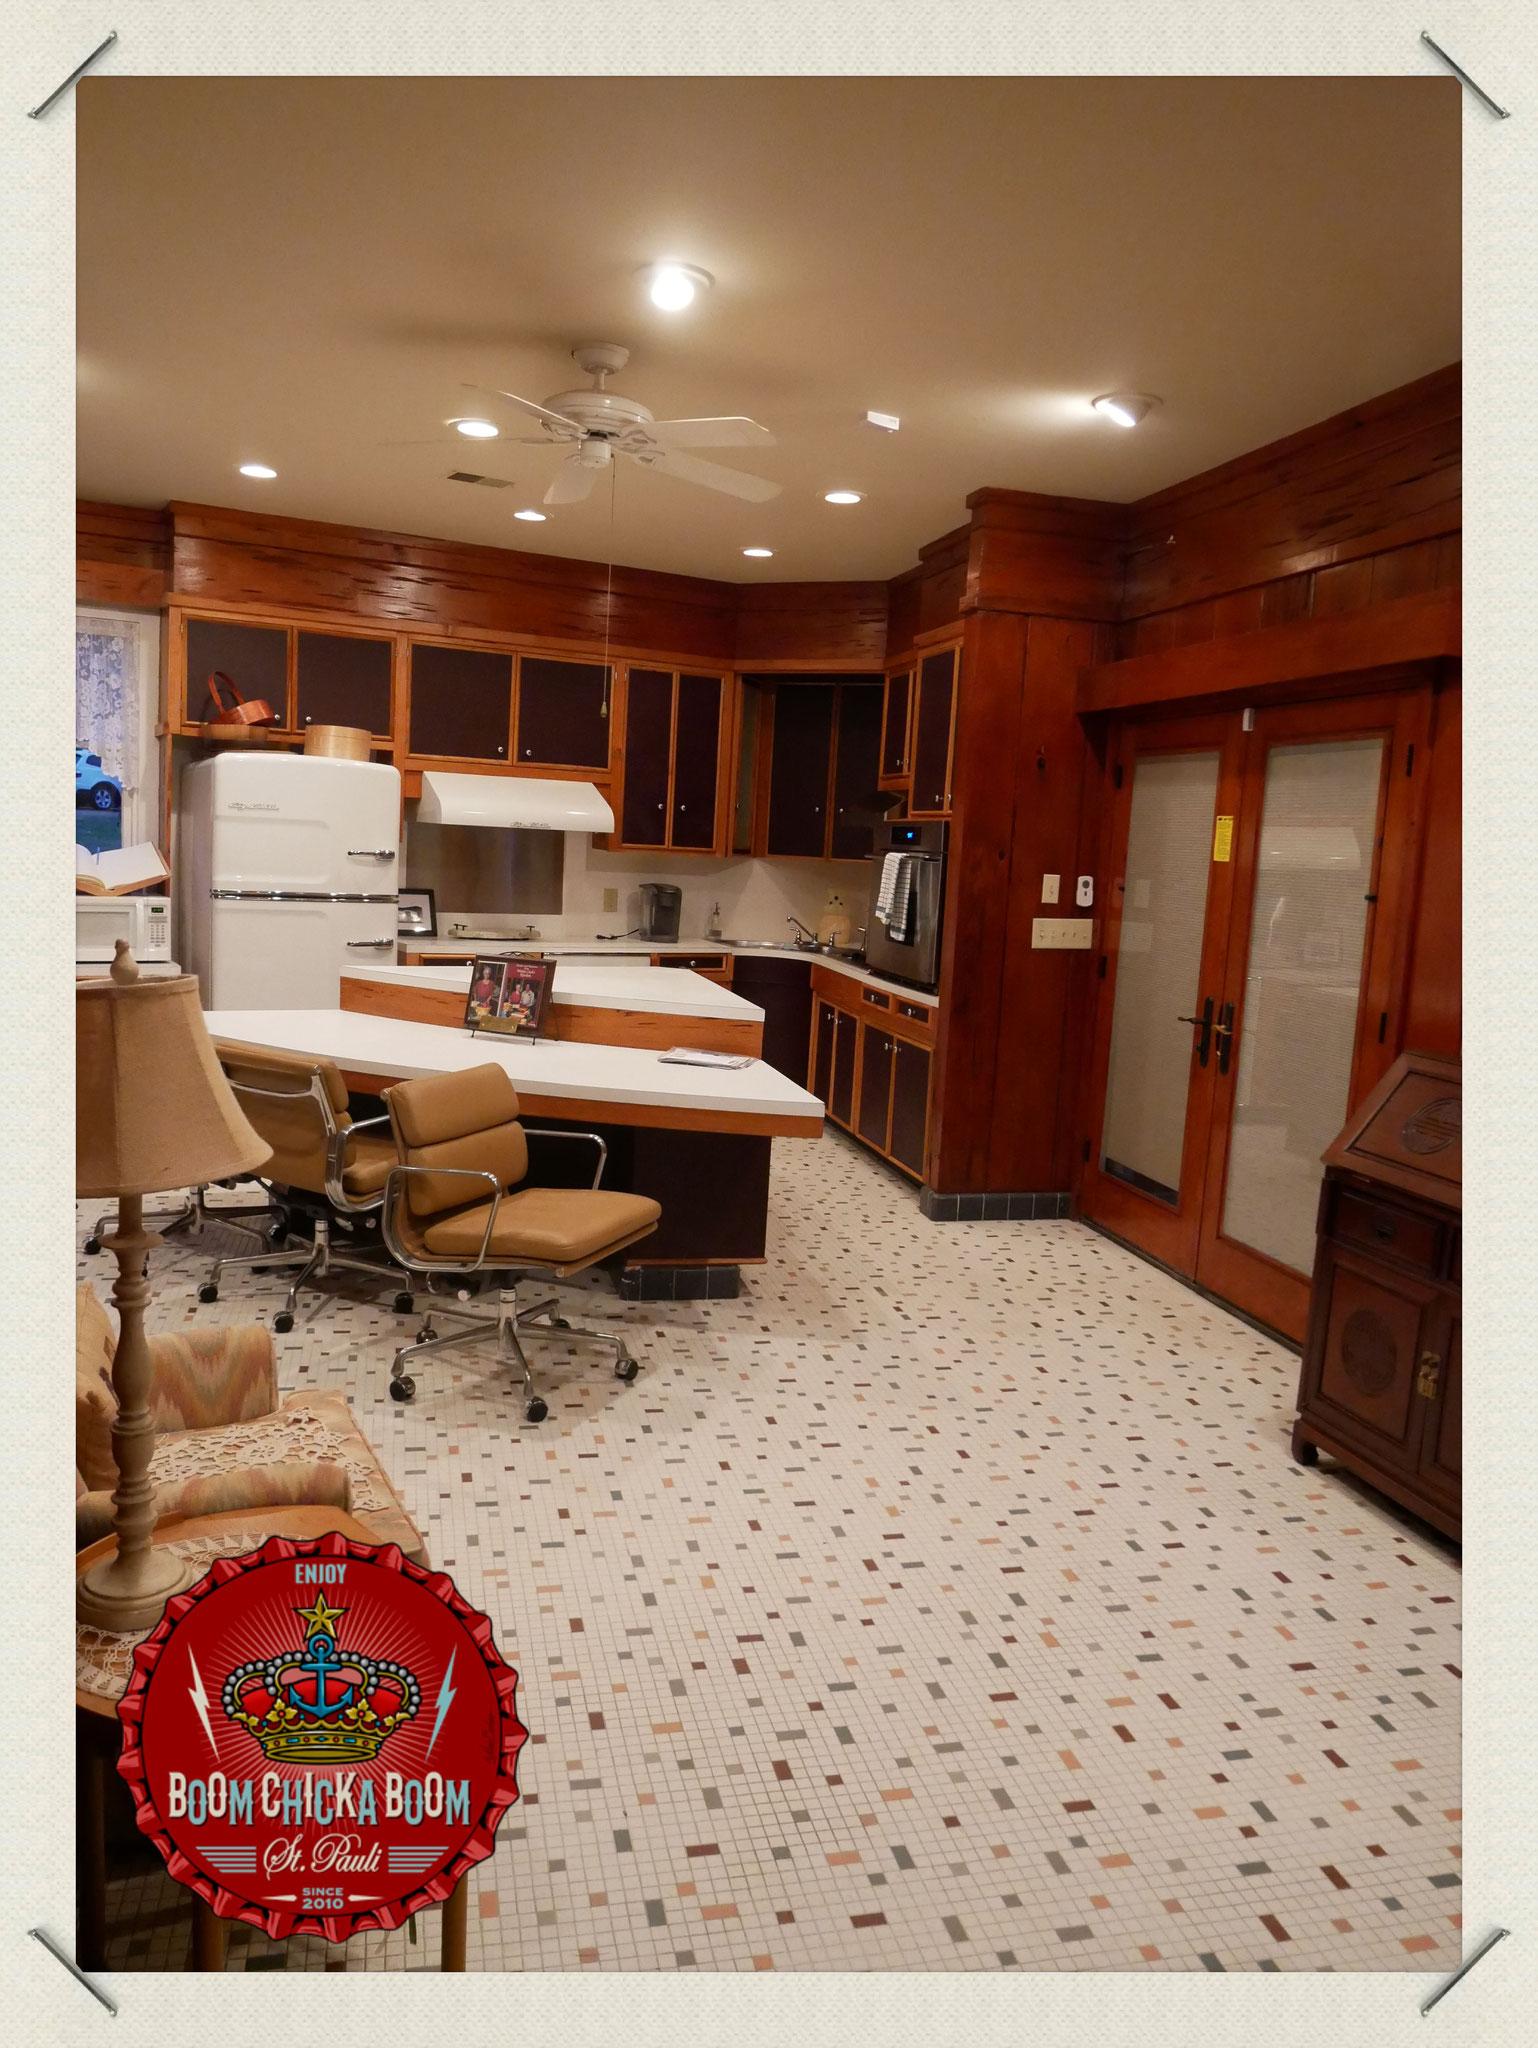 Man kommt in die Küche und zählt die vielen Mosaike auf dem Boden.